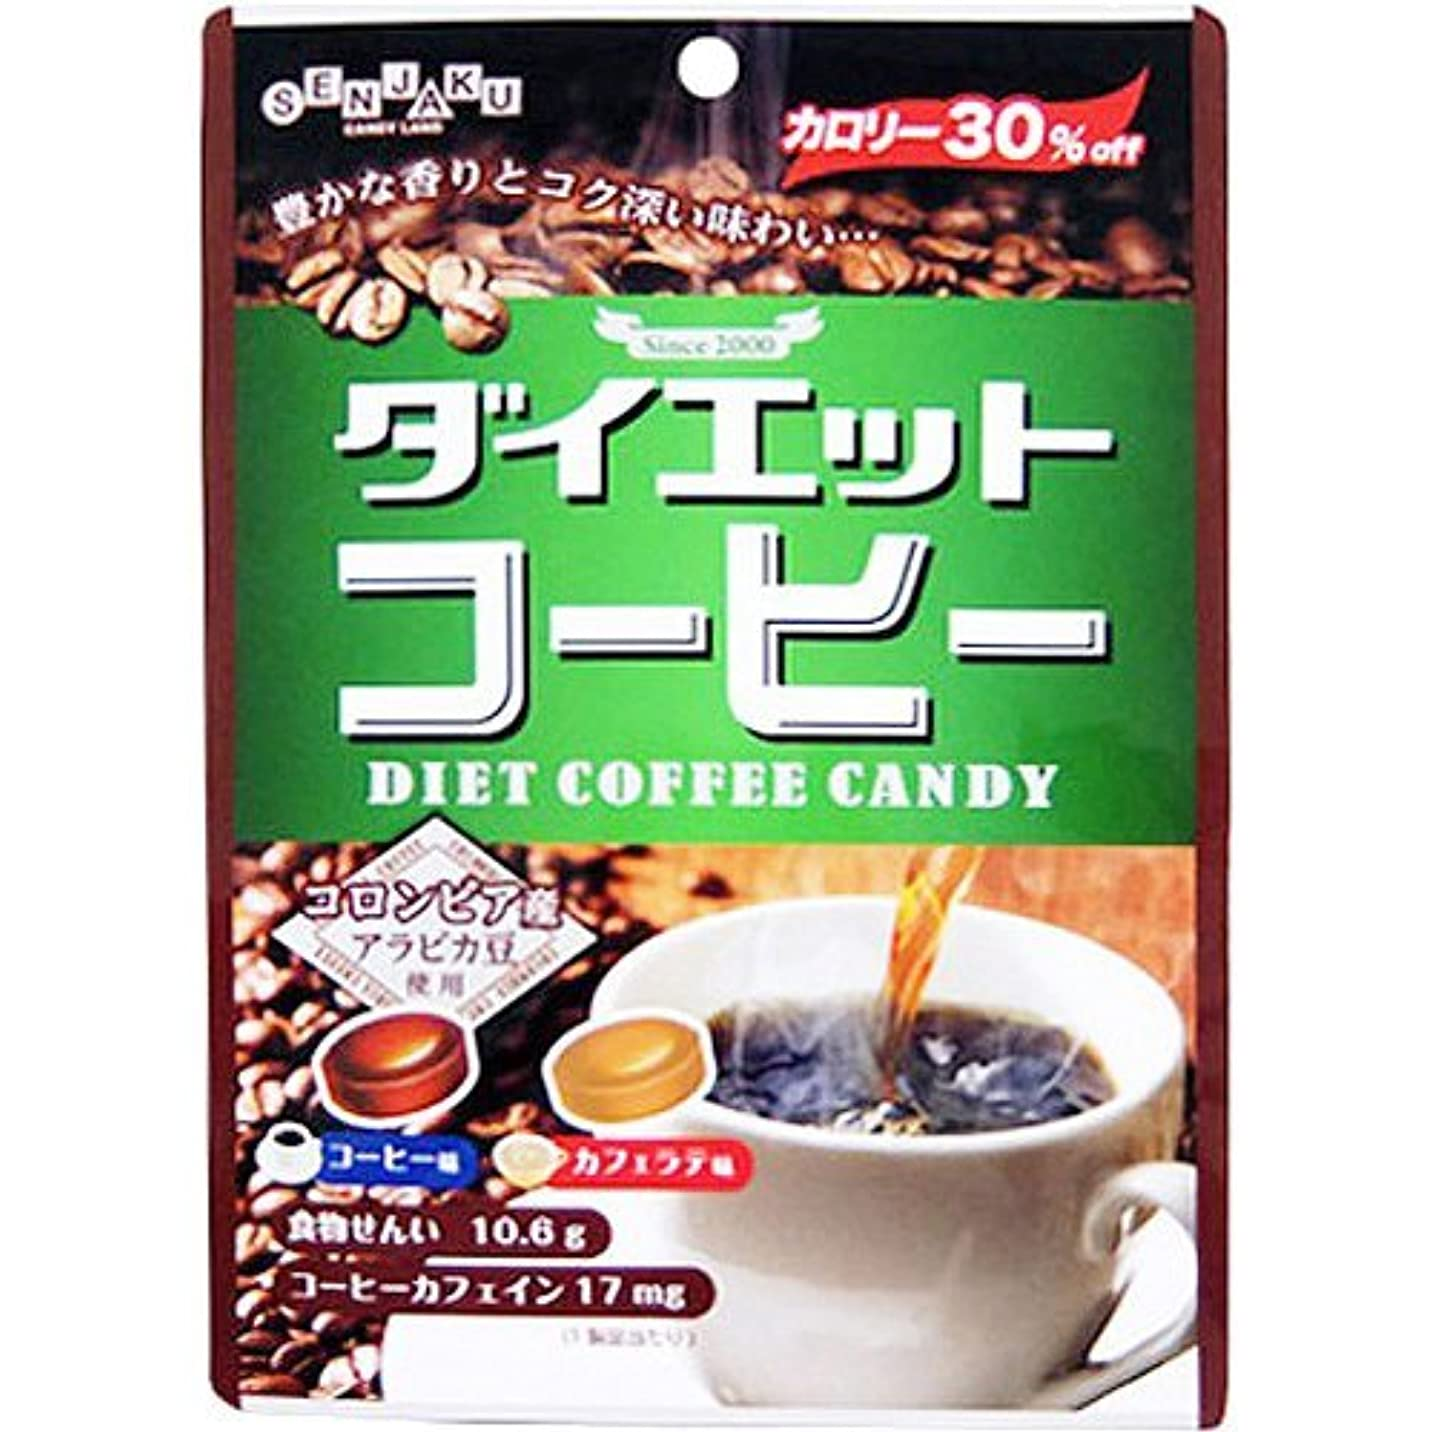 びっくりした加速する運動扇雀飴本舗 ダイエットコーヒー 80g